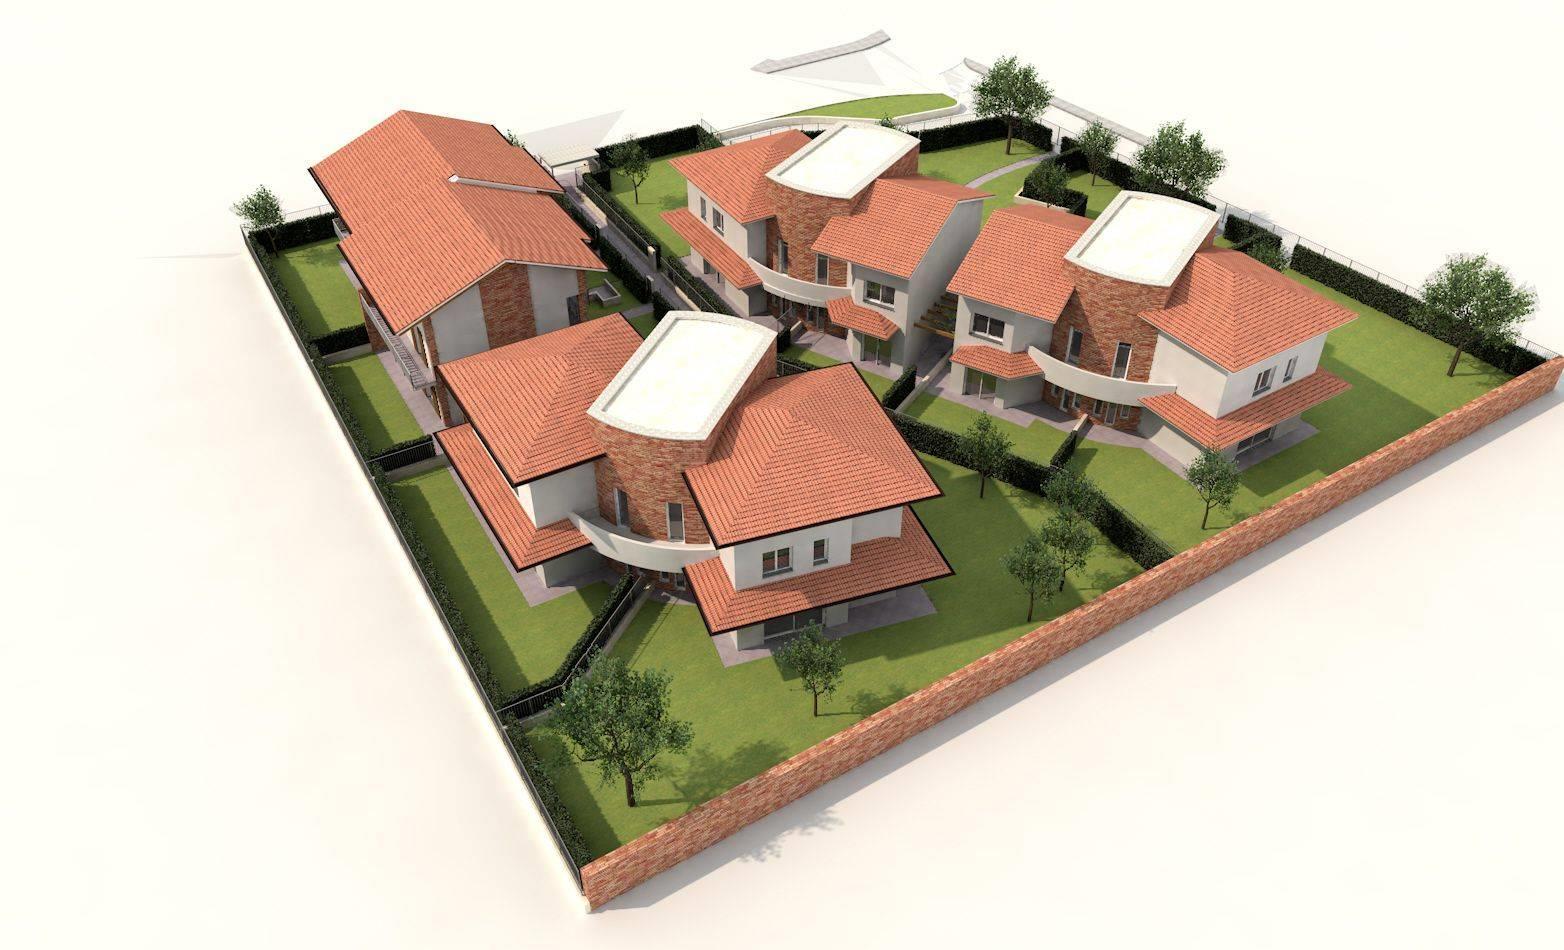 Foto 17 - Villa in Vendita - Aicurzio (Monza e Brianza)